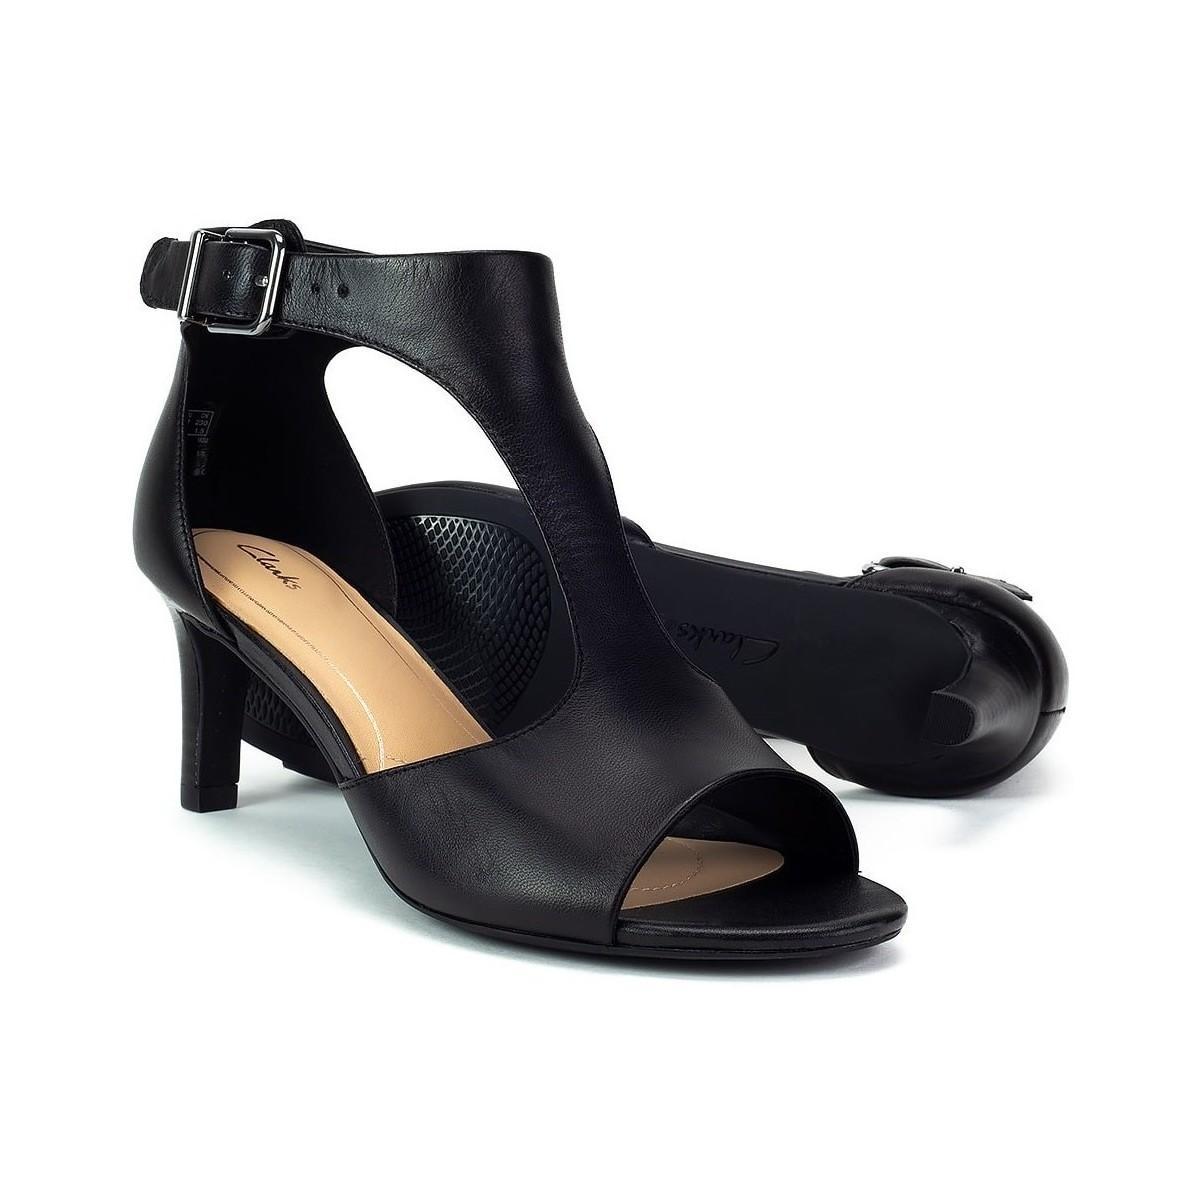 058b4974513d Clarks - Laureti Star Women s Sandals In Black - Lyst. View fullscreen